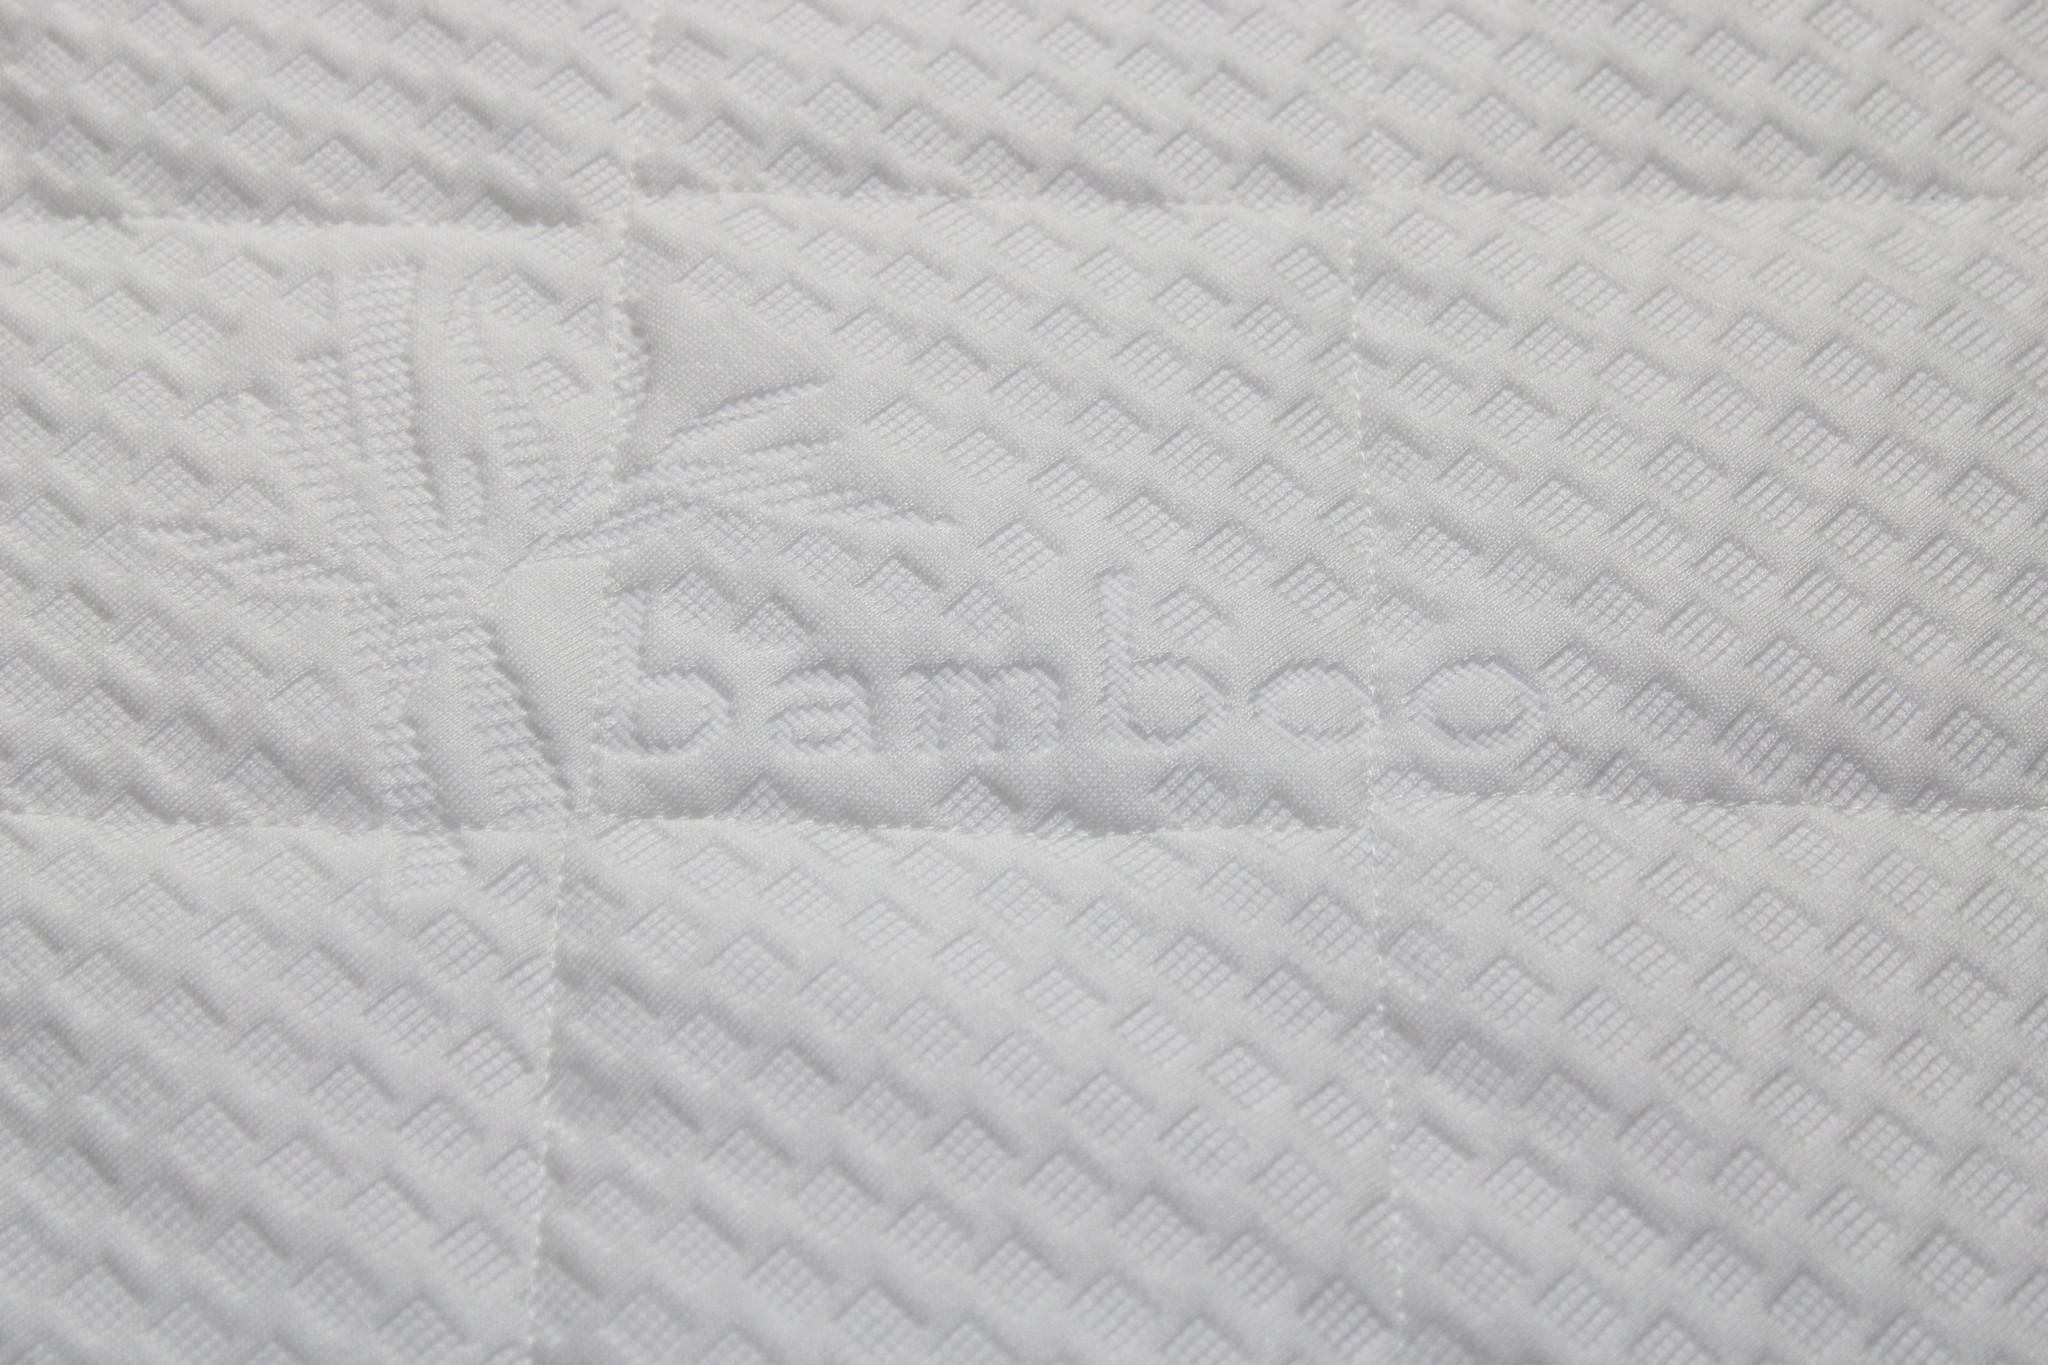 Sarpy Babymatras 70x130 koudschuim hr40 bamboo